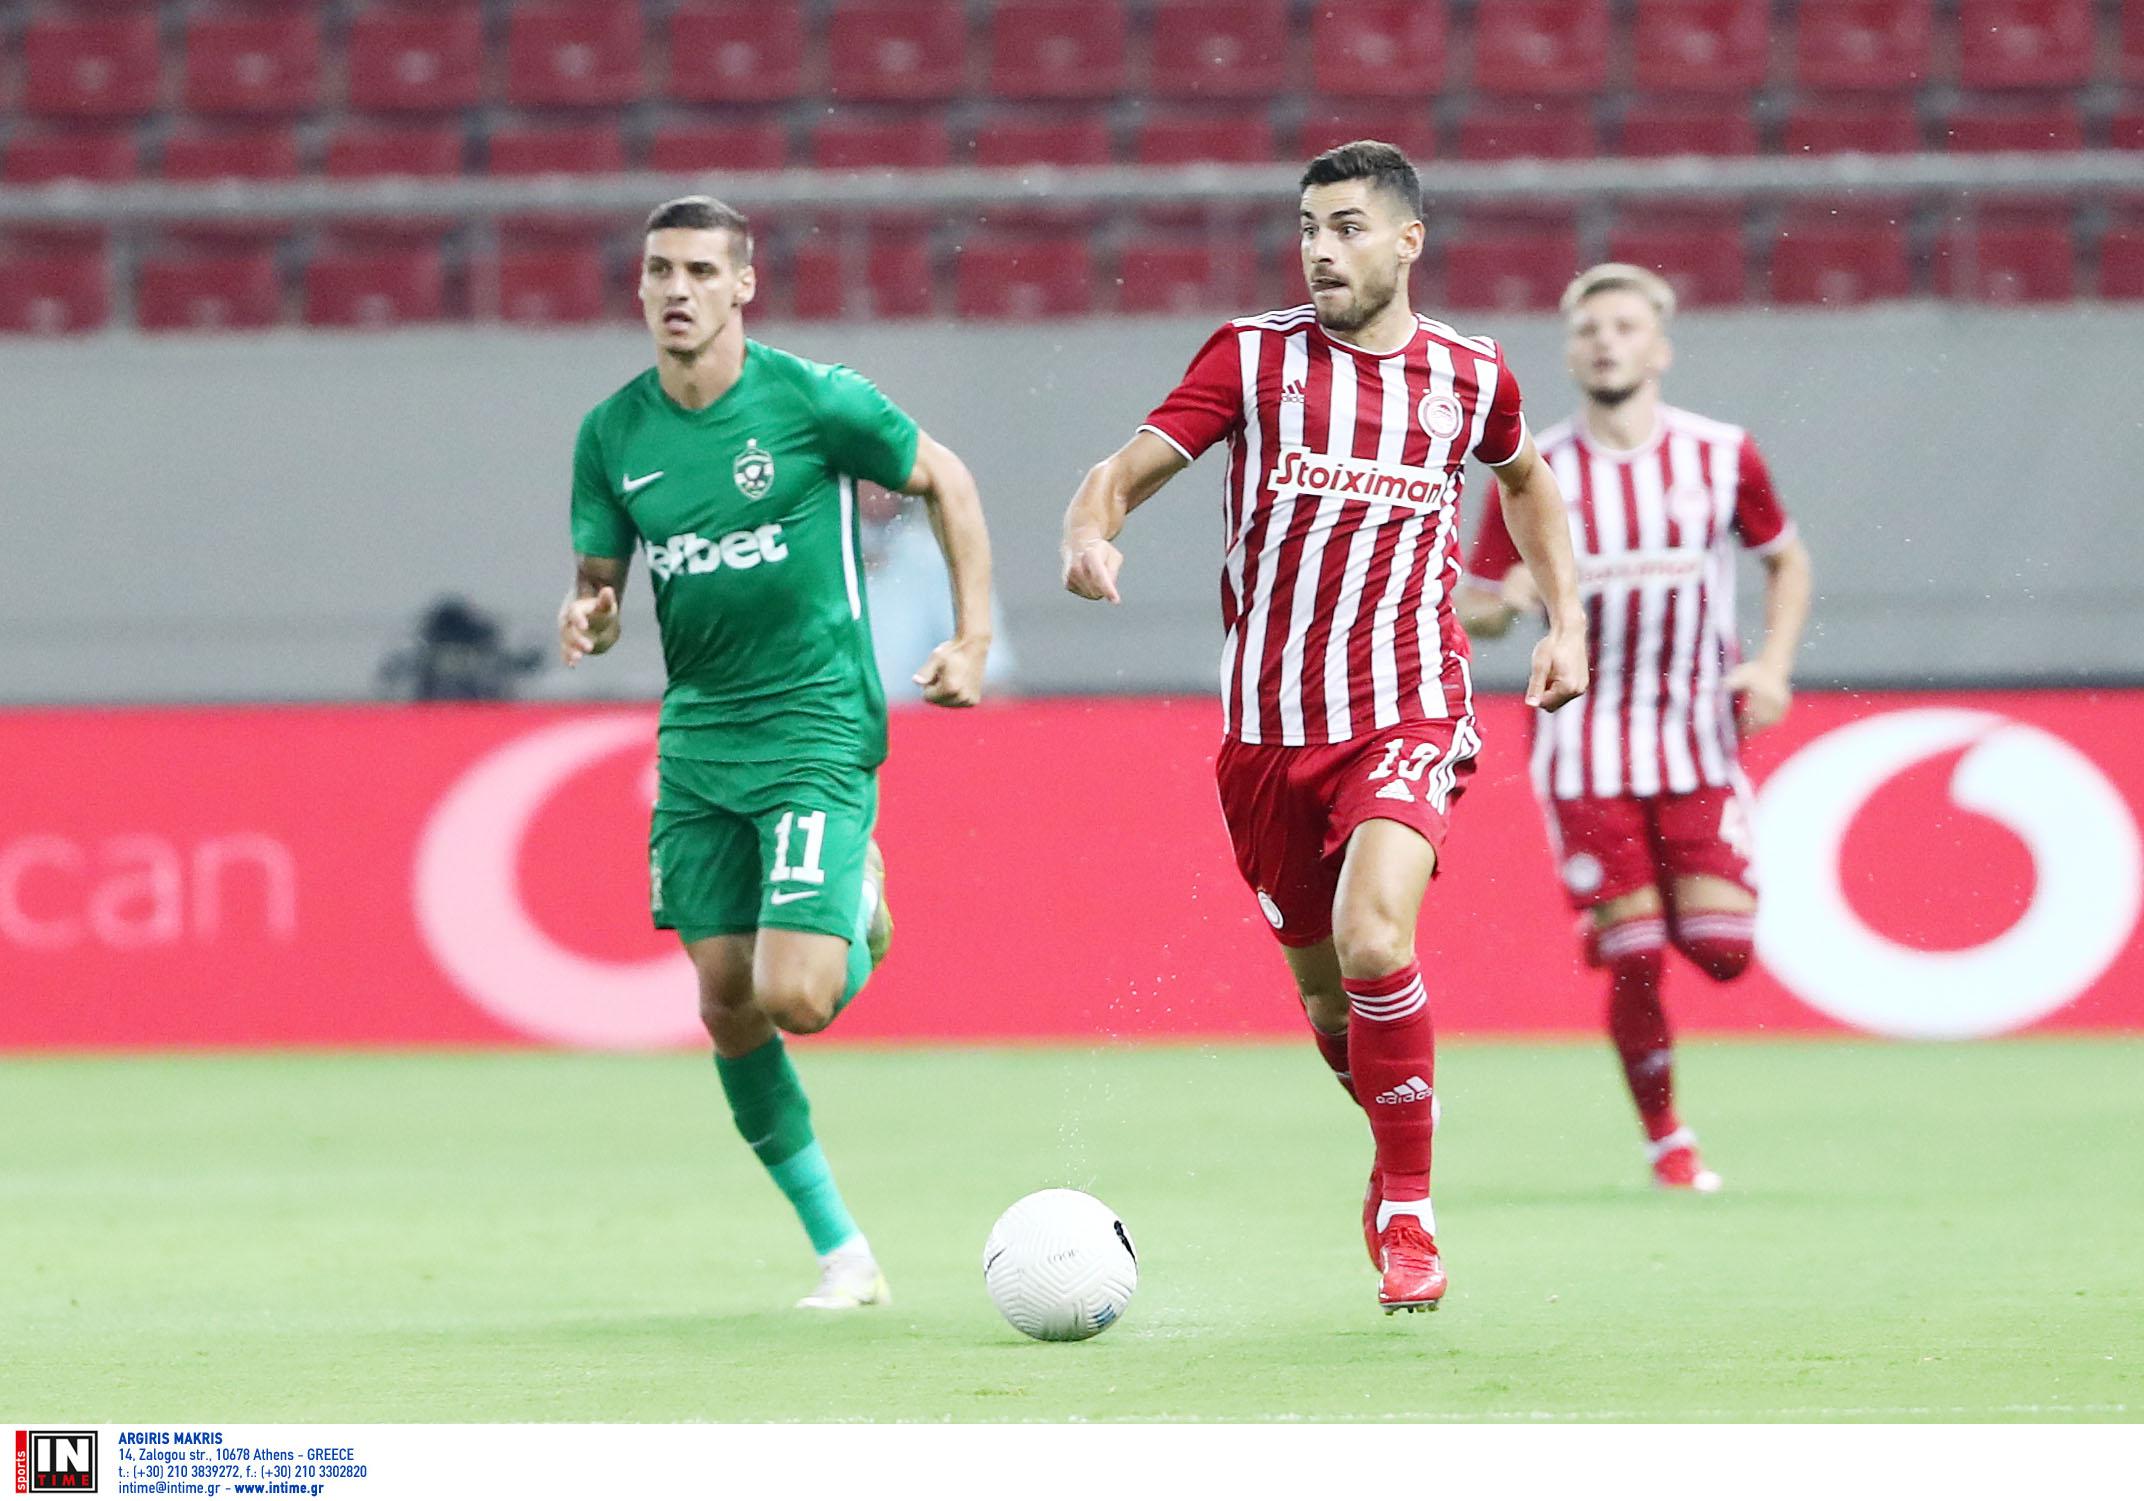 Ολυμπιακός – Λουντογκόρετς 1-1 ΤΕΛΙΚΟ για τον 3ο προκριματικό γύρο του Champions League